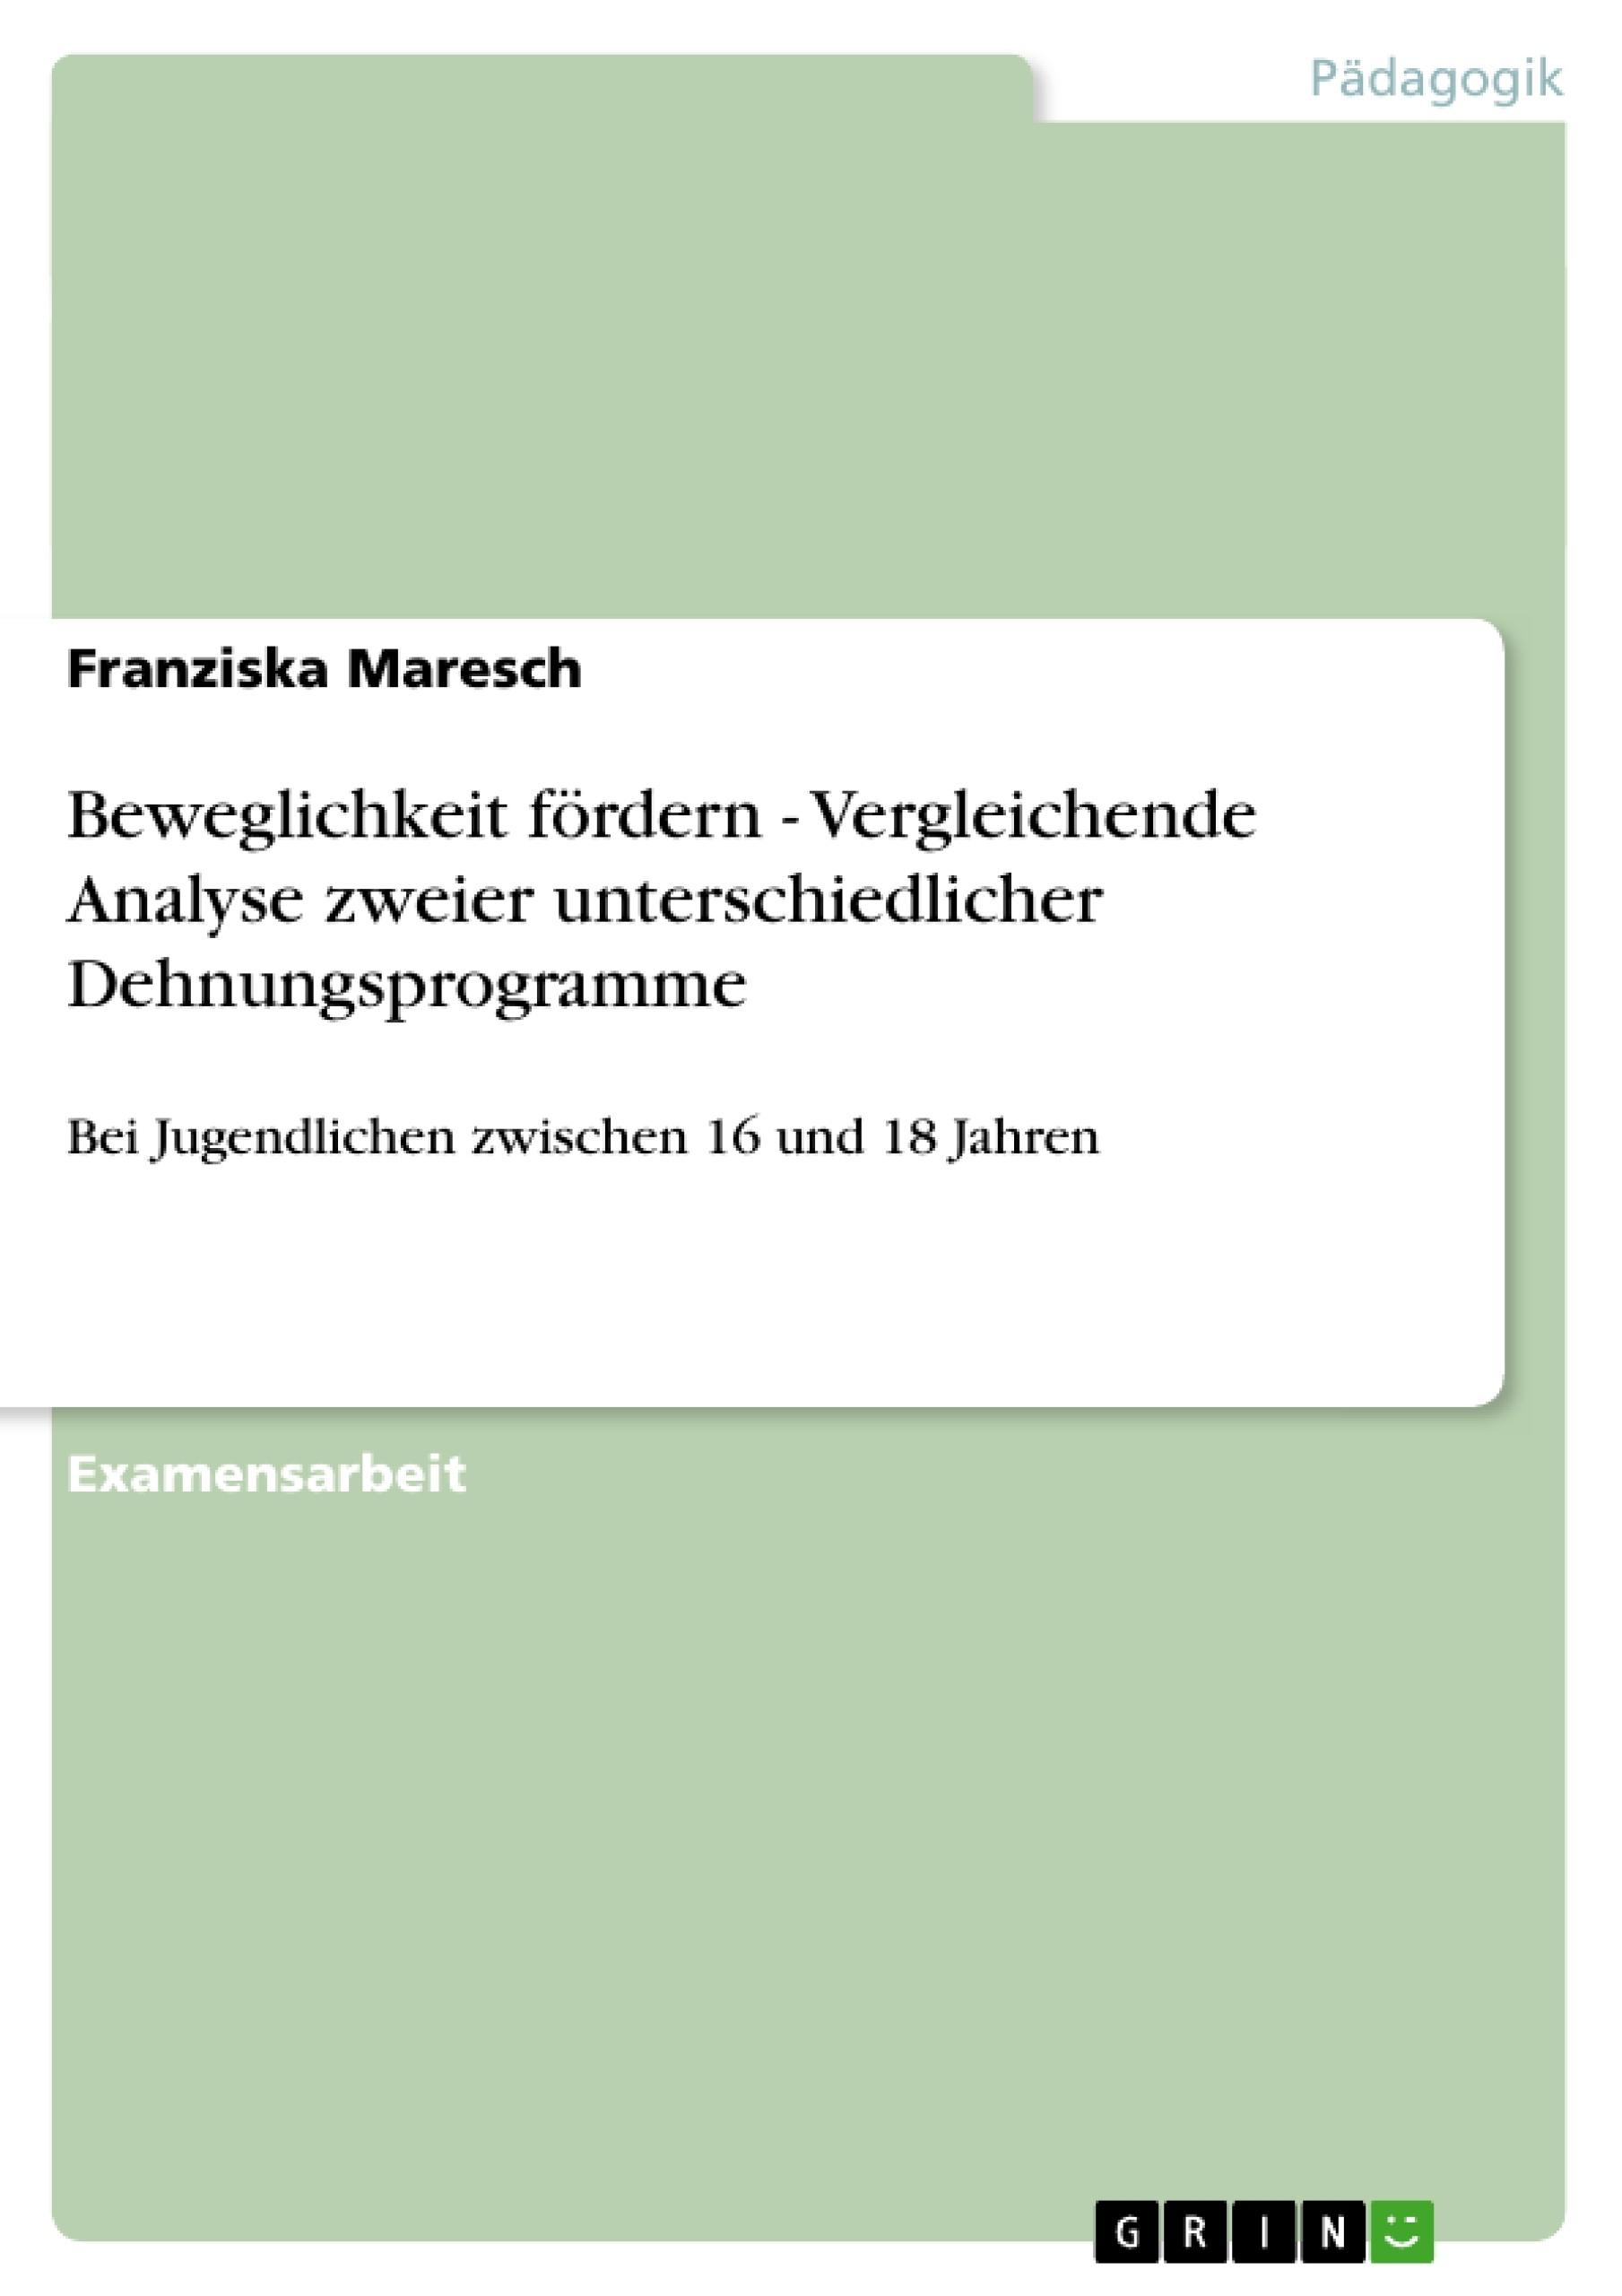 Titel: Beweglichkeit fördern - Vergleichende Analyse zweier unterschiedlicher Dehnungsprogramme